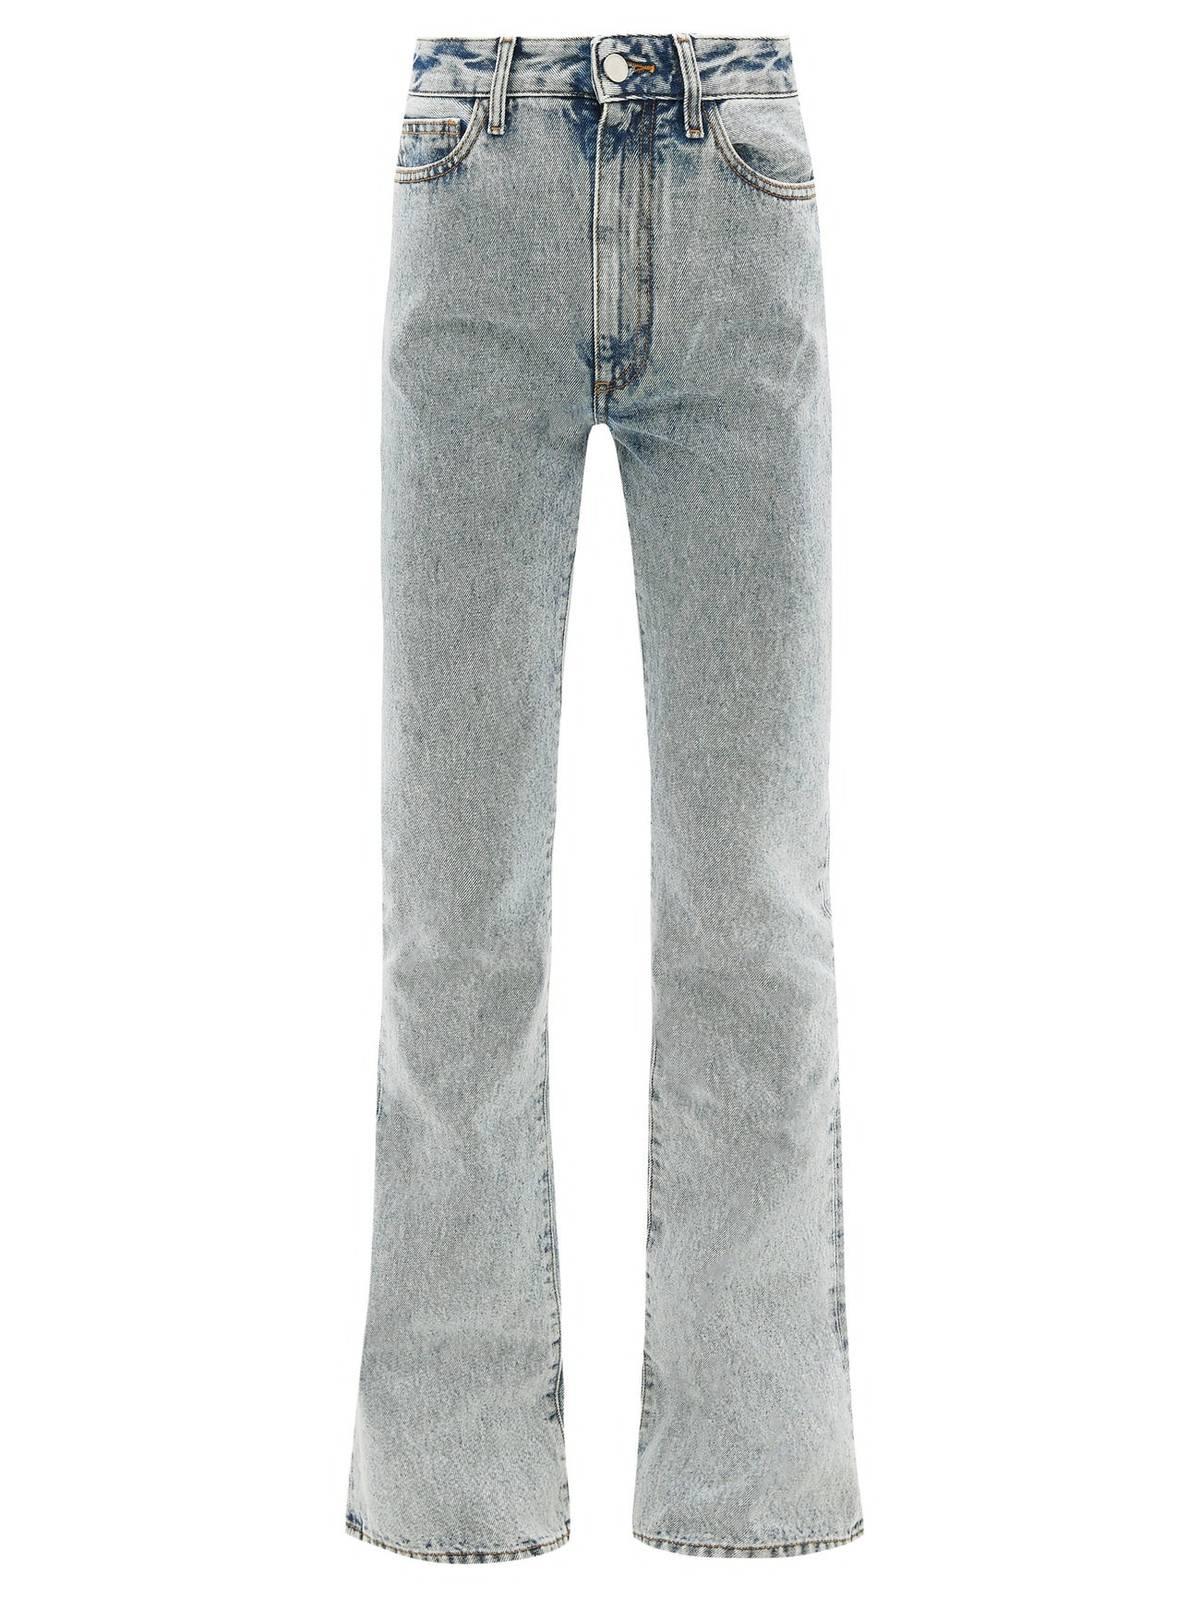 Какая модель джинсов вернулась в моду в 2021 году  - фото 2